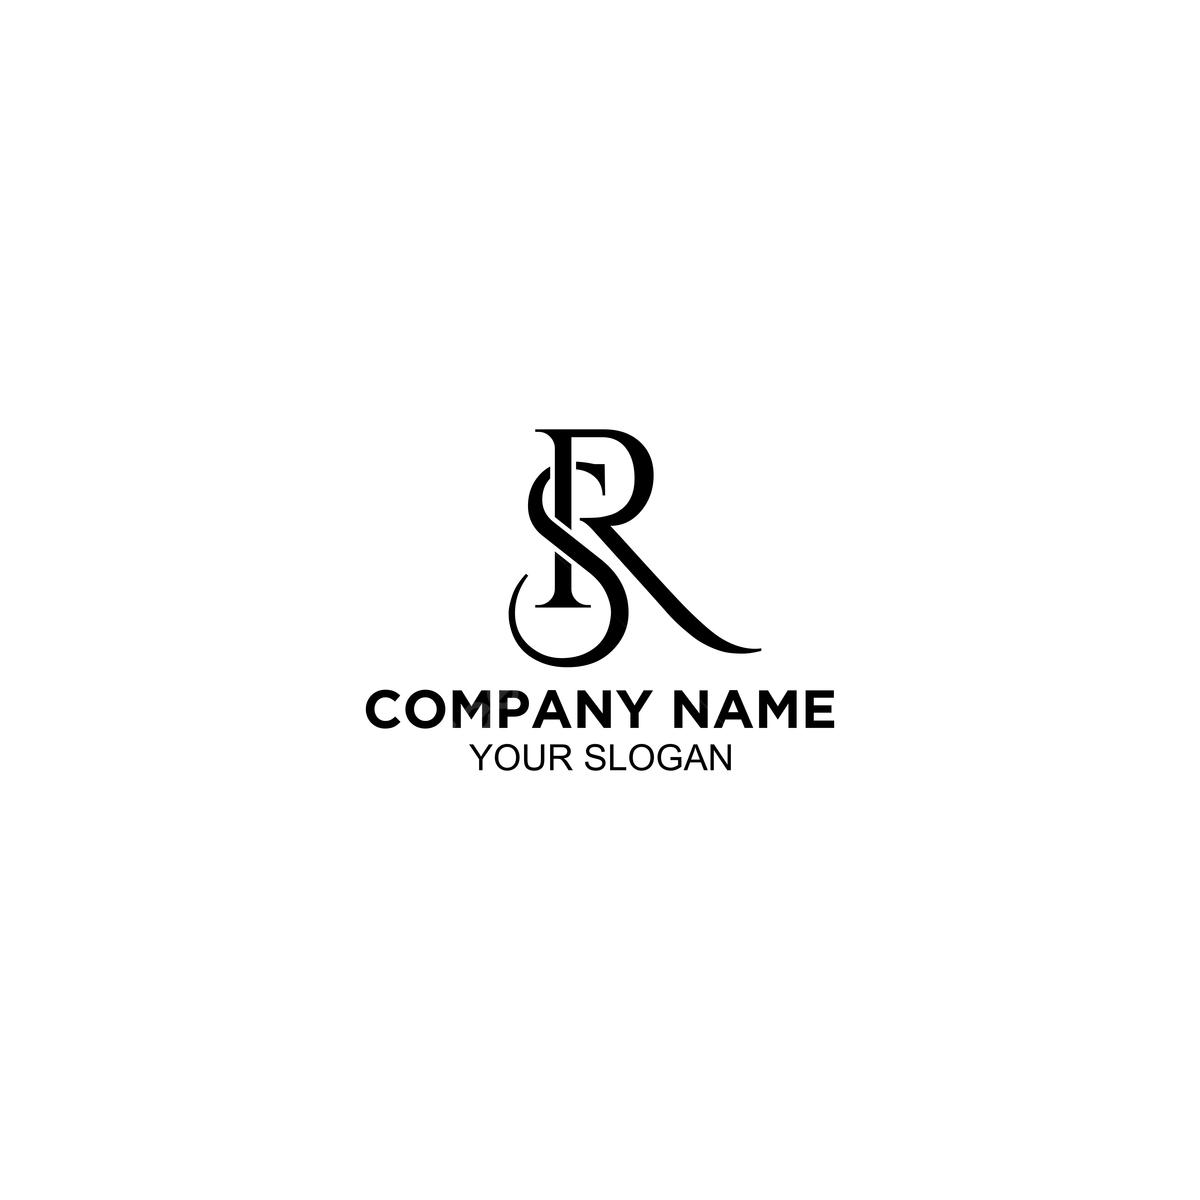 Monogram Sr Logo Design Vector Template For Free Download On Pngtree